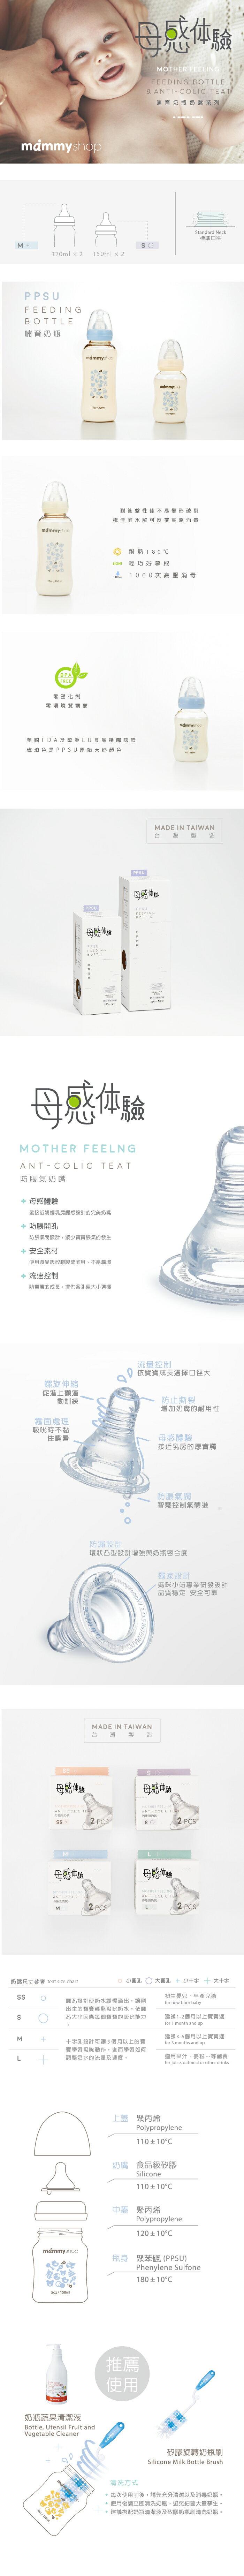 Mammyshop媽咪小站 - 母感體驗 PPSU防脹氣奶瓶 標準口徑 320ml 2入 + 150ml 2入 超值組 1